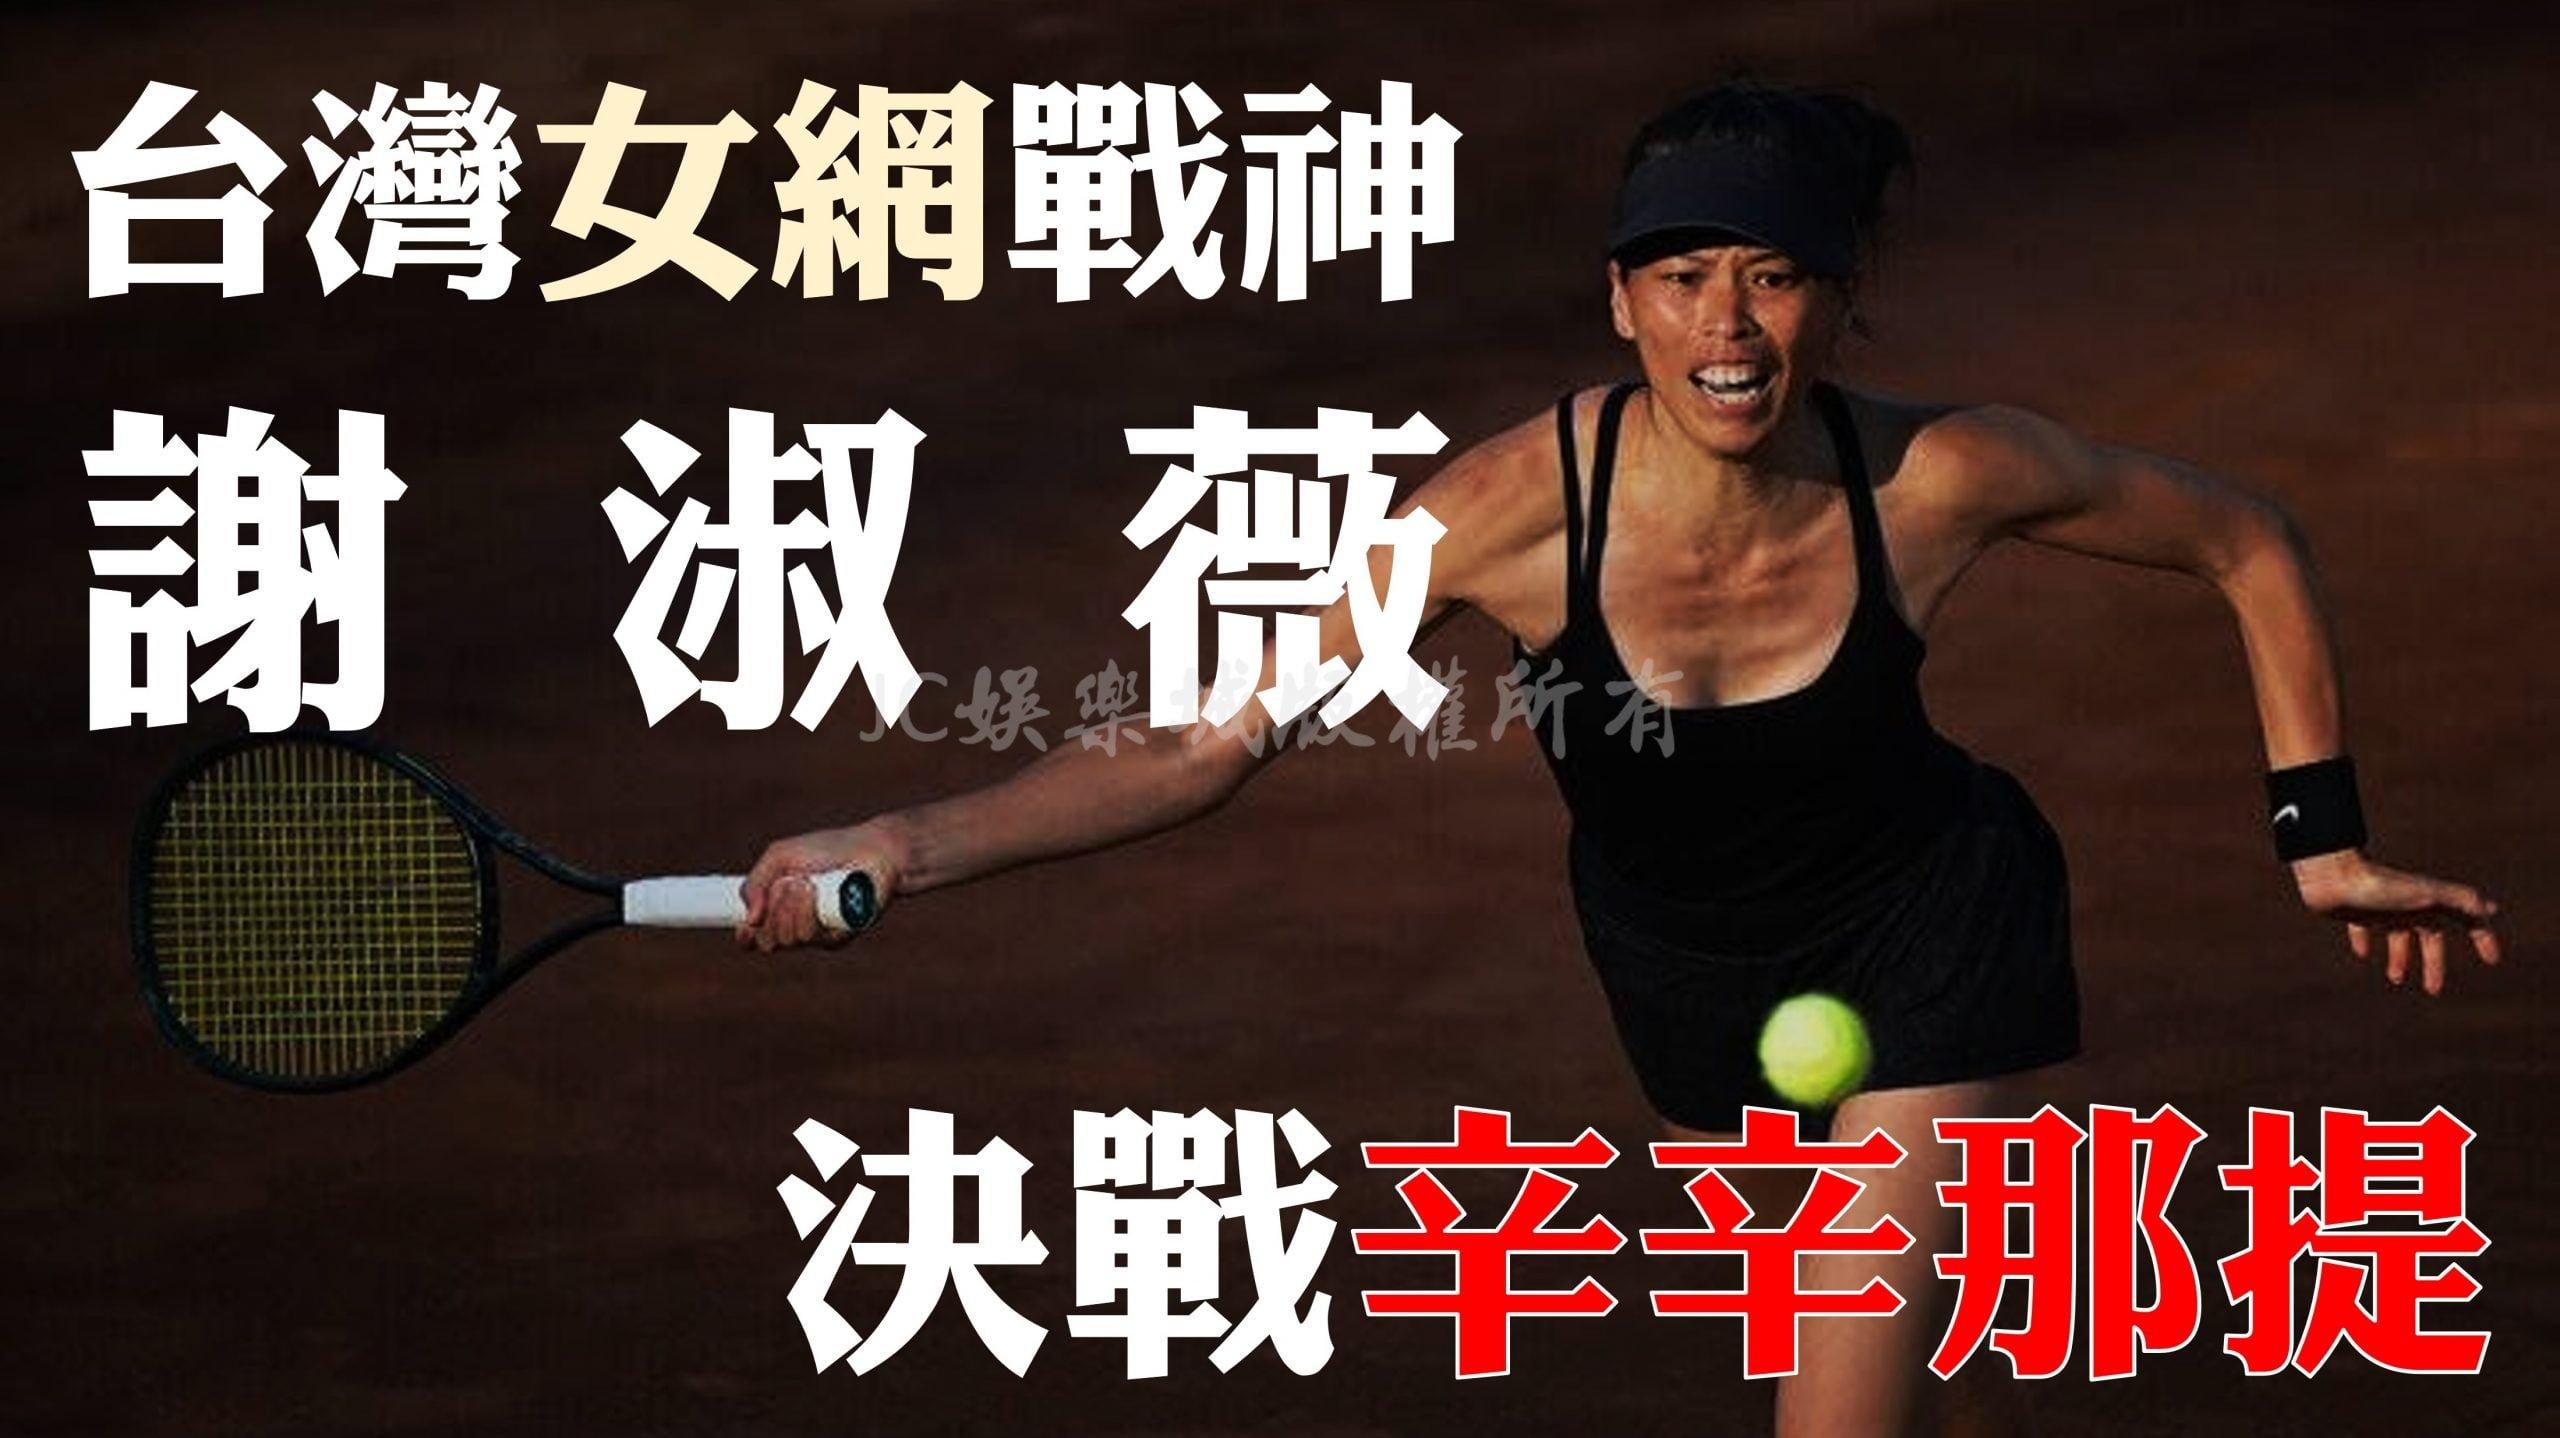 【謝淑薇最新戰績】台灣女網戰神再闖辛辛那提網賽續寫台灣新紀錄!